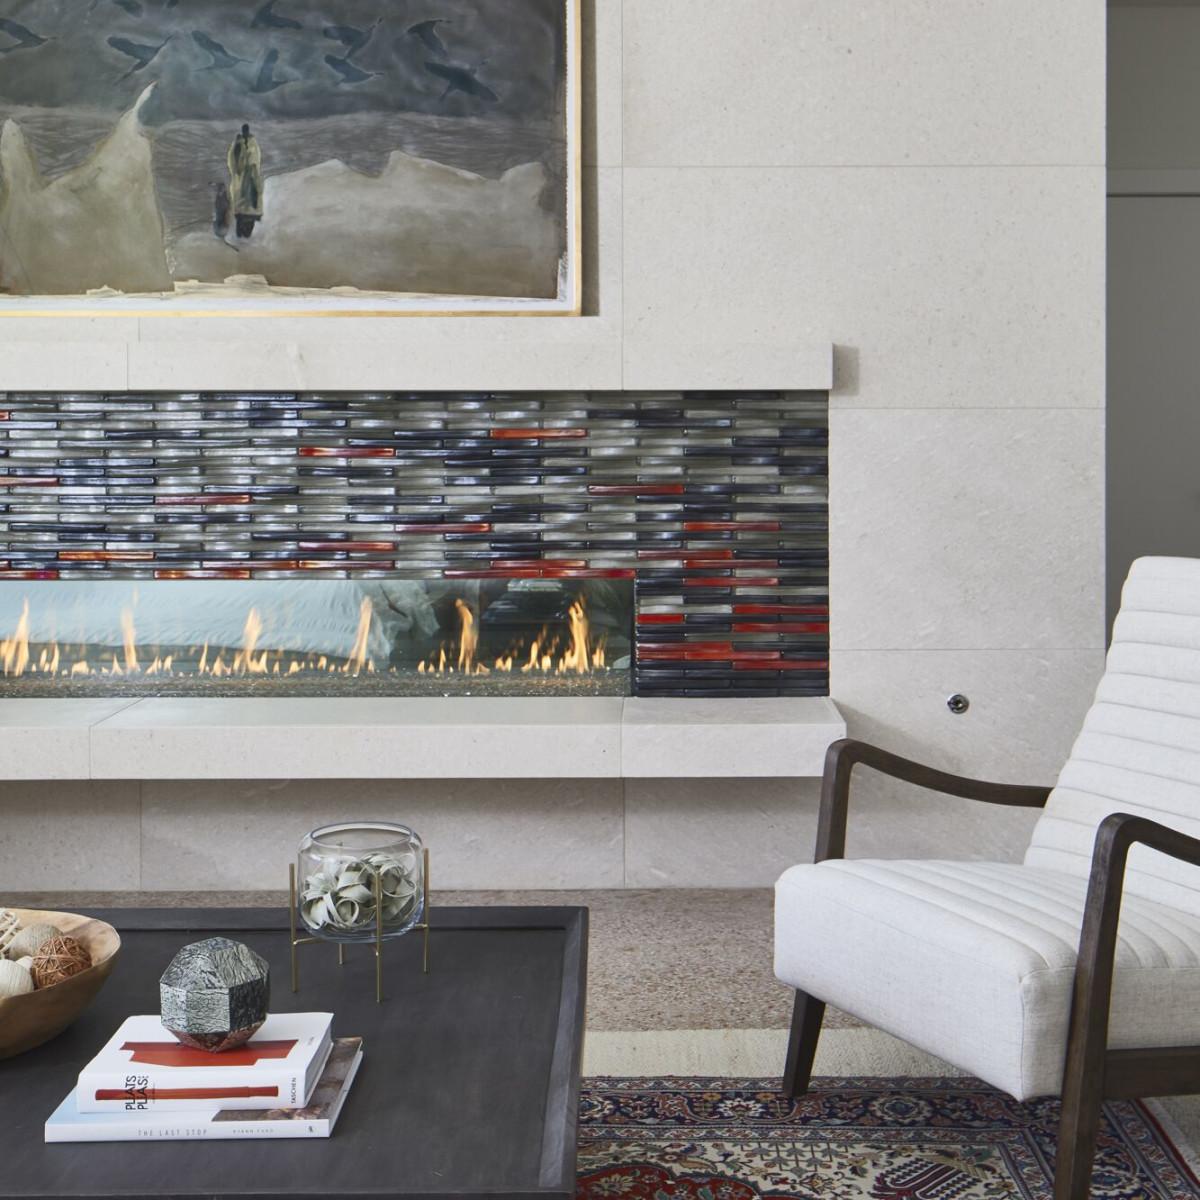 CG&S Remodel: living room closeup